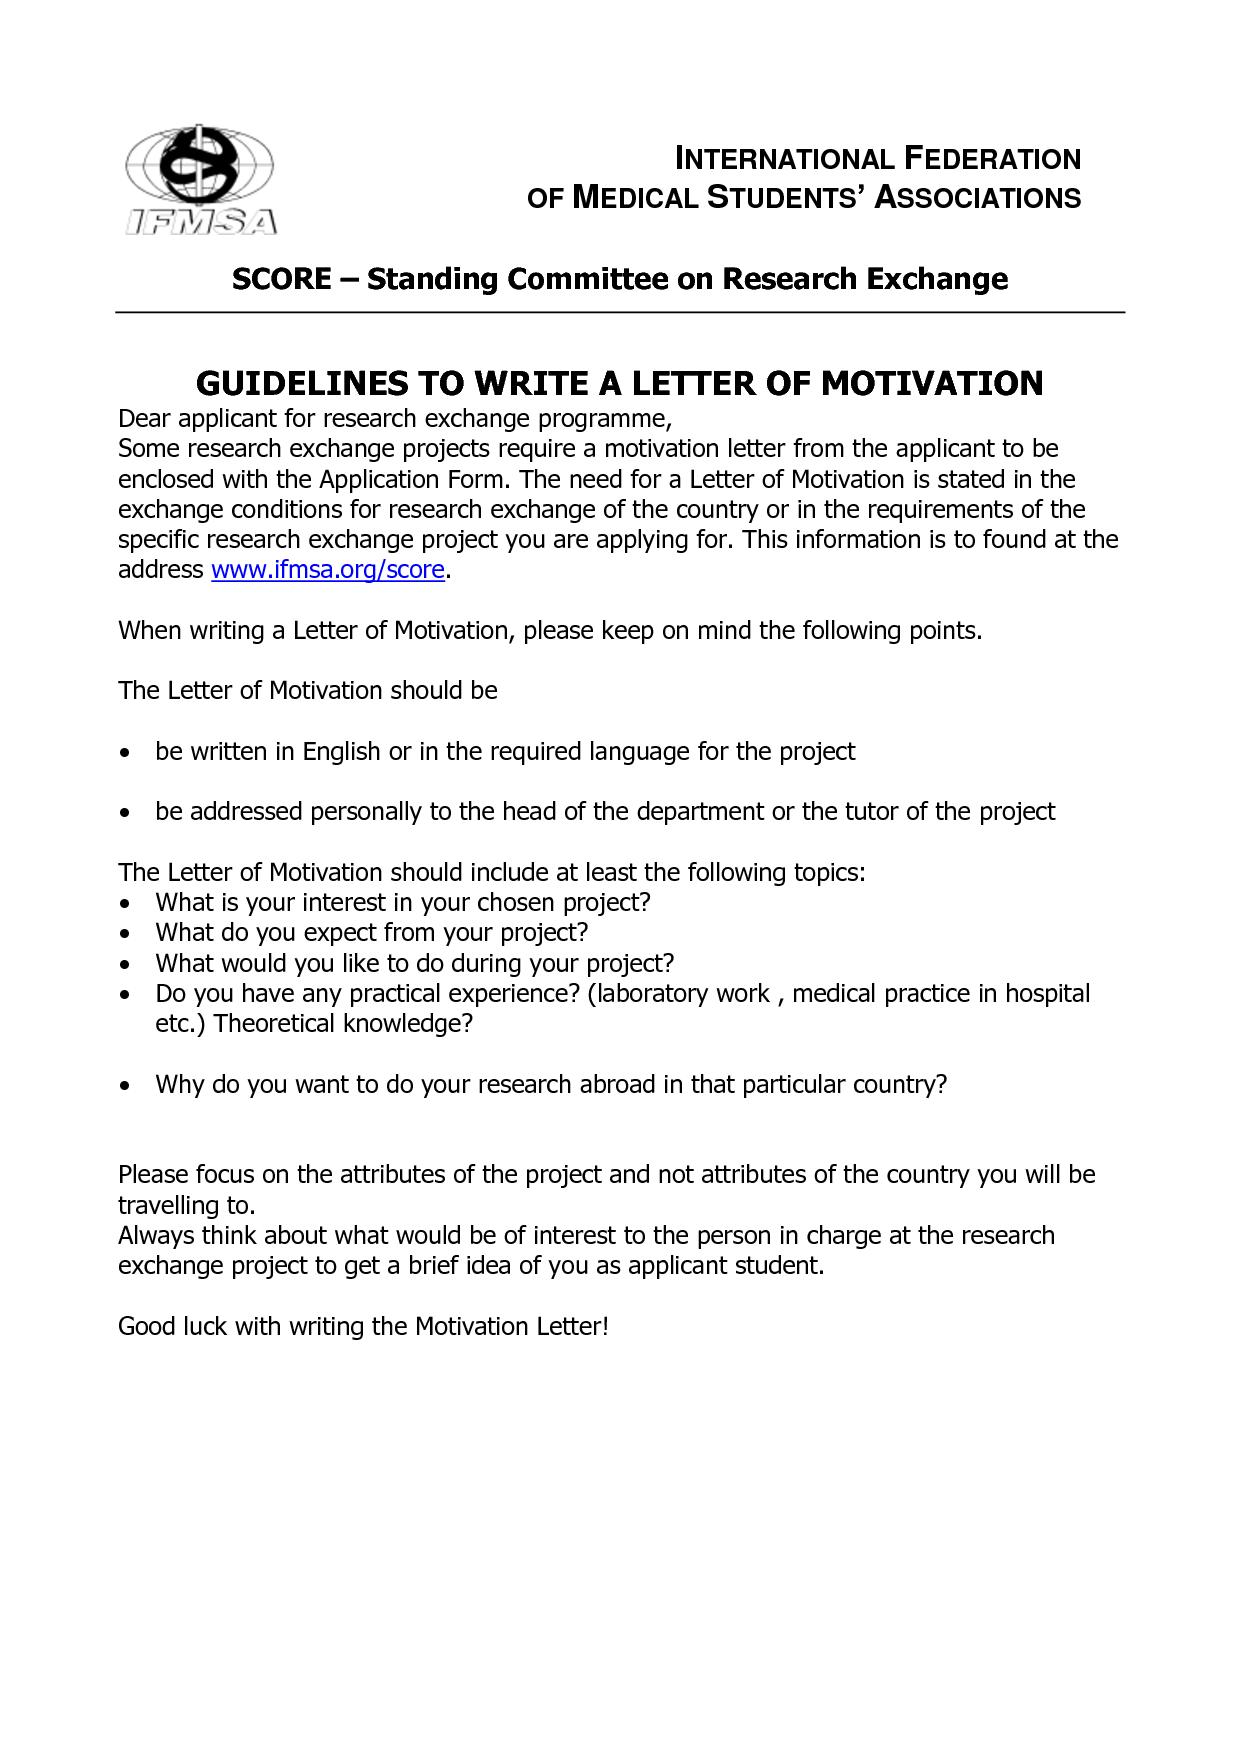 Student Motivation Letter Bond Cleaning Melbourne